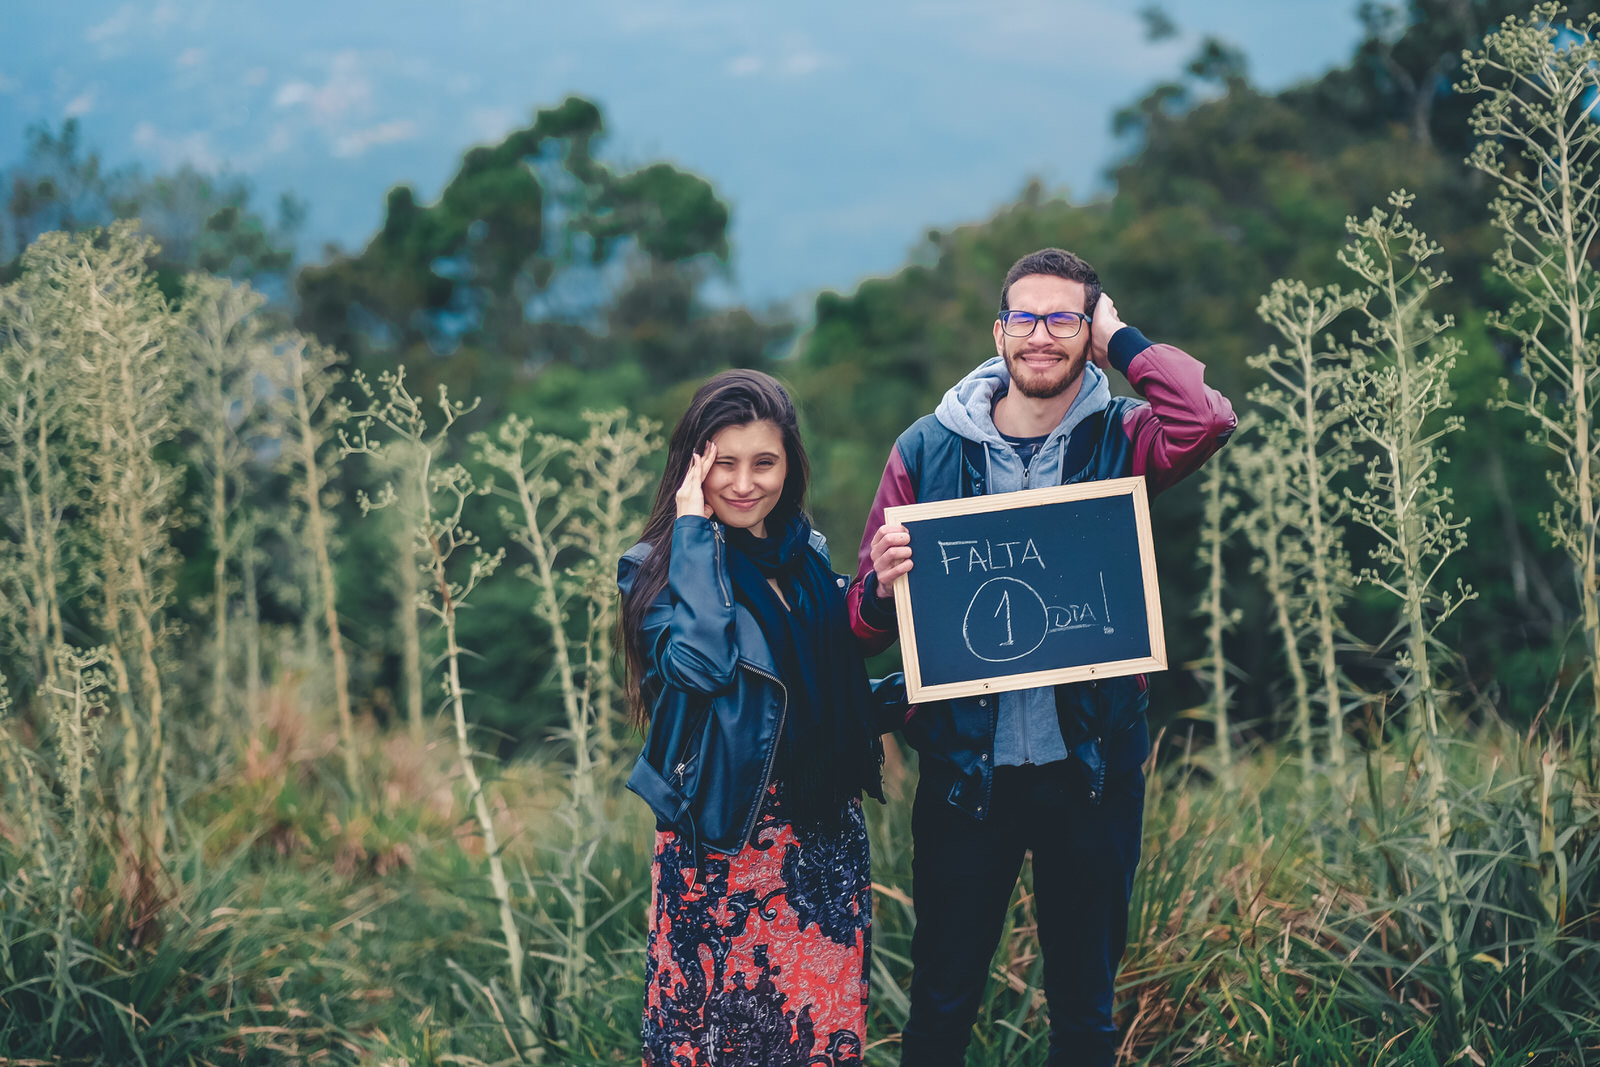 Contate Fotografia de Casamento sem pose - Say Cheese